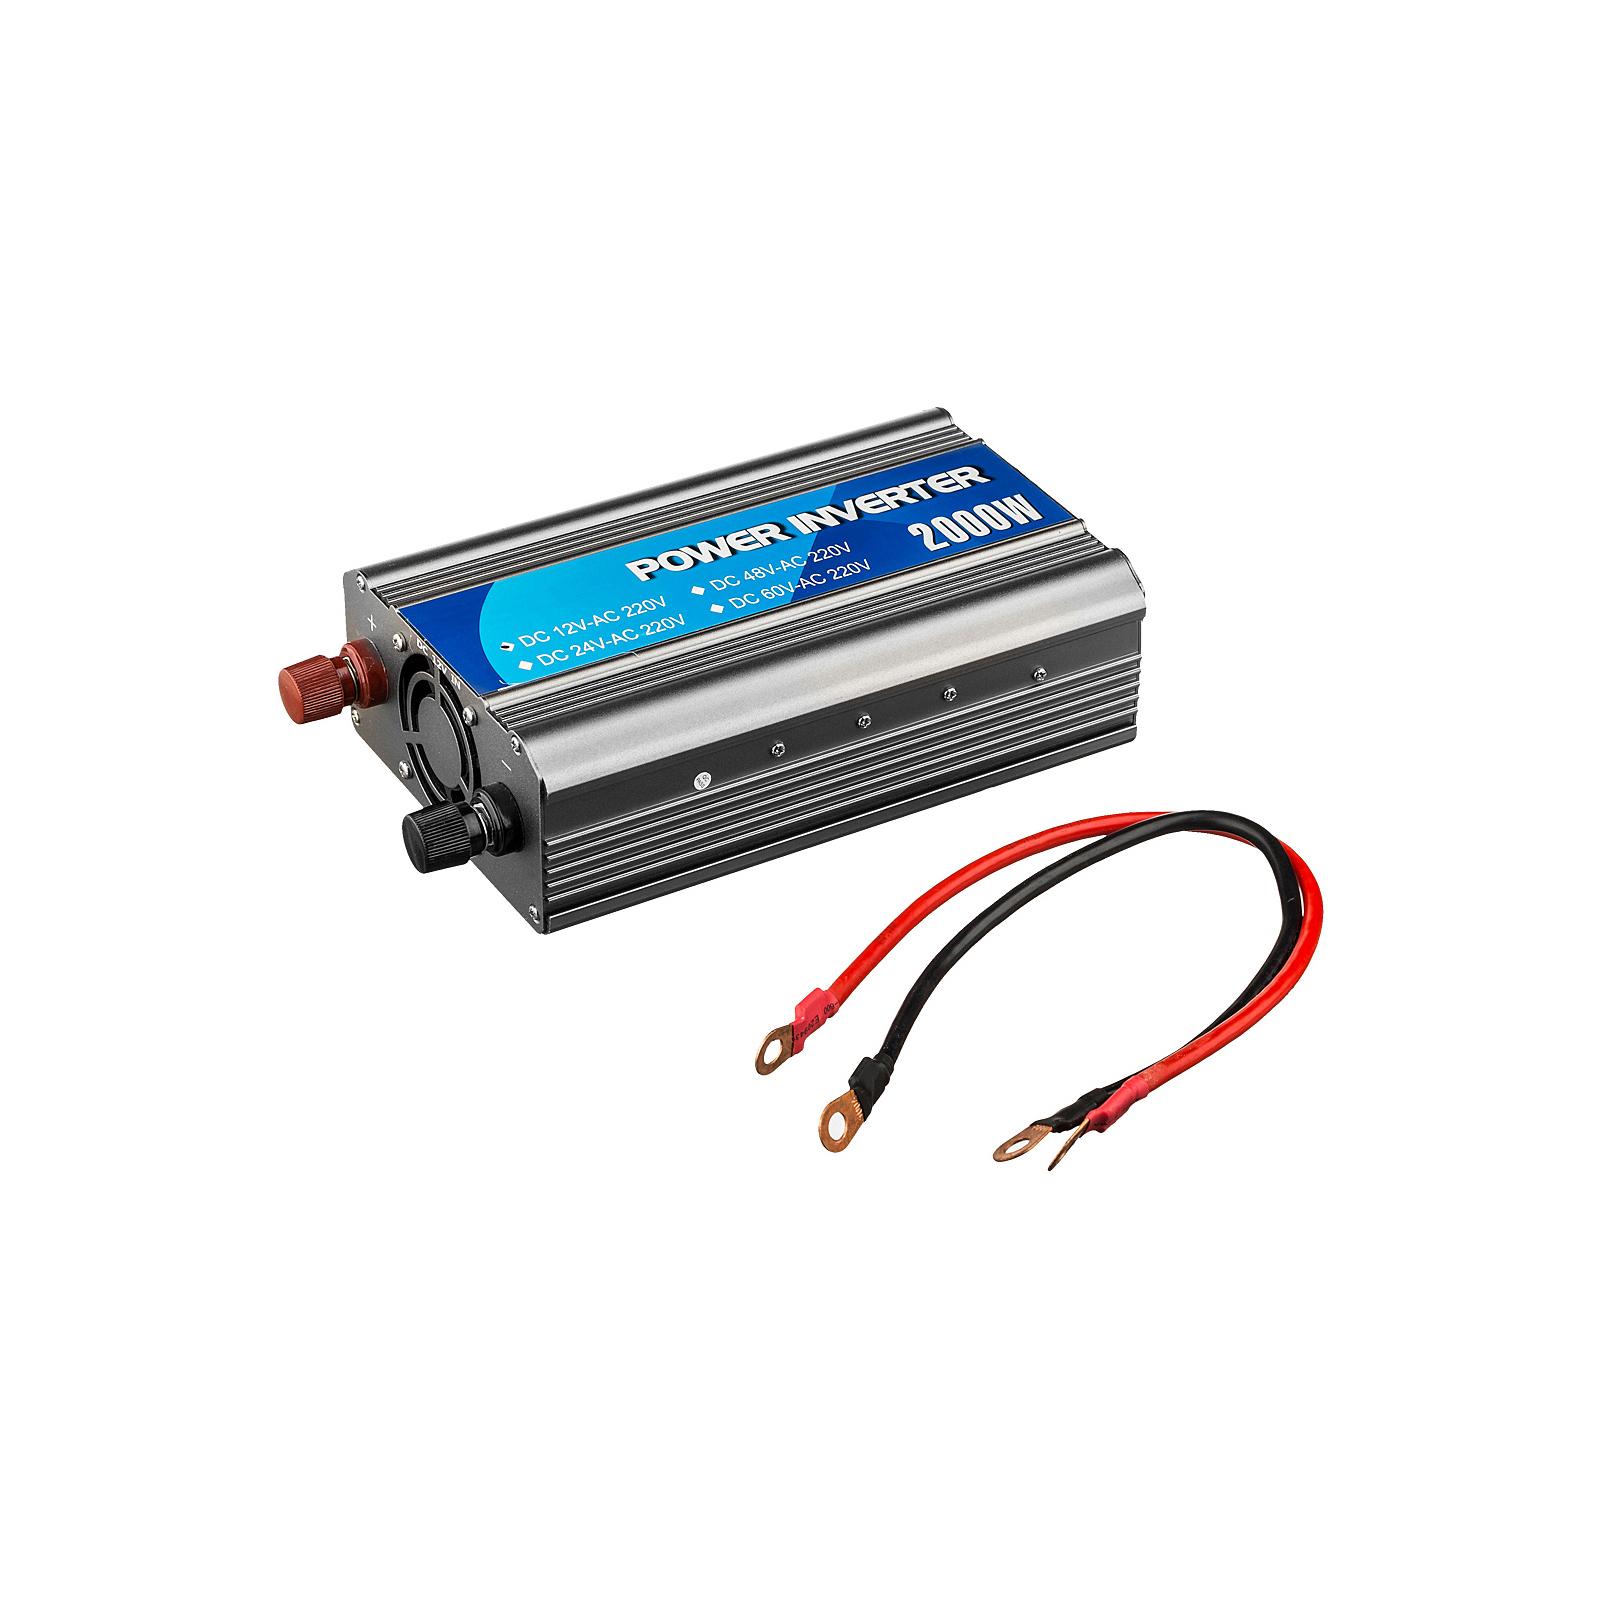 Автомобильный инвертор 12V/220V 1000W Porto (MND-1000) изображение 5